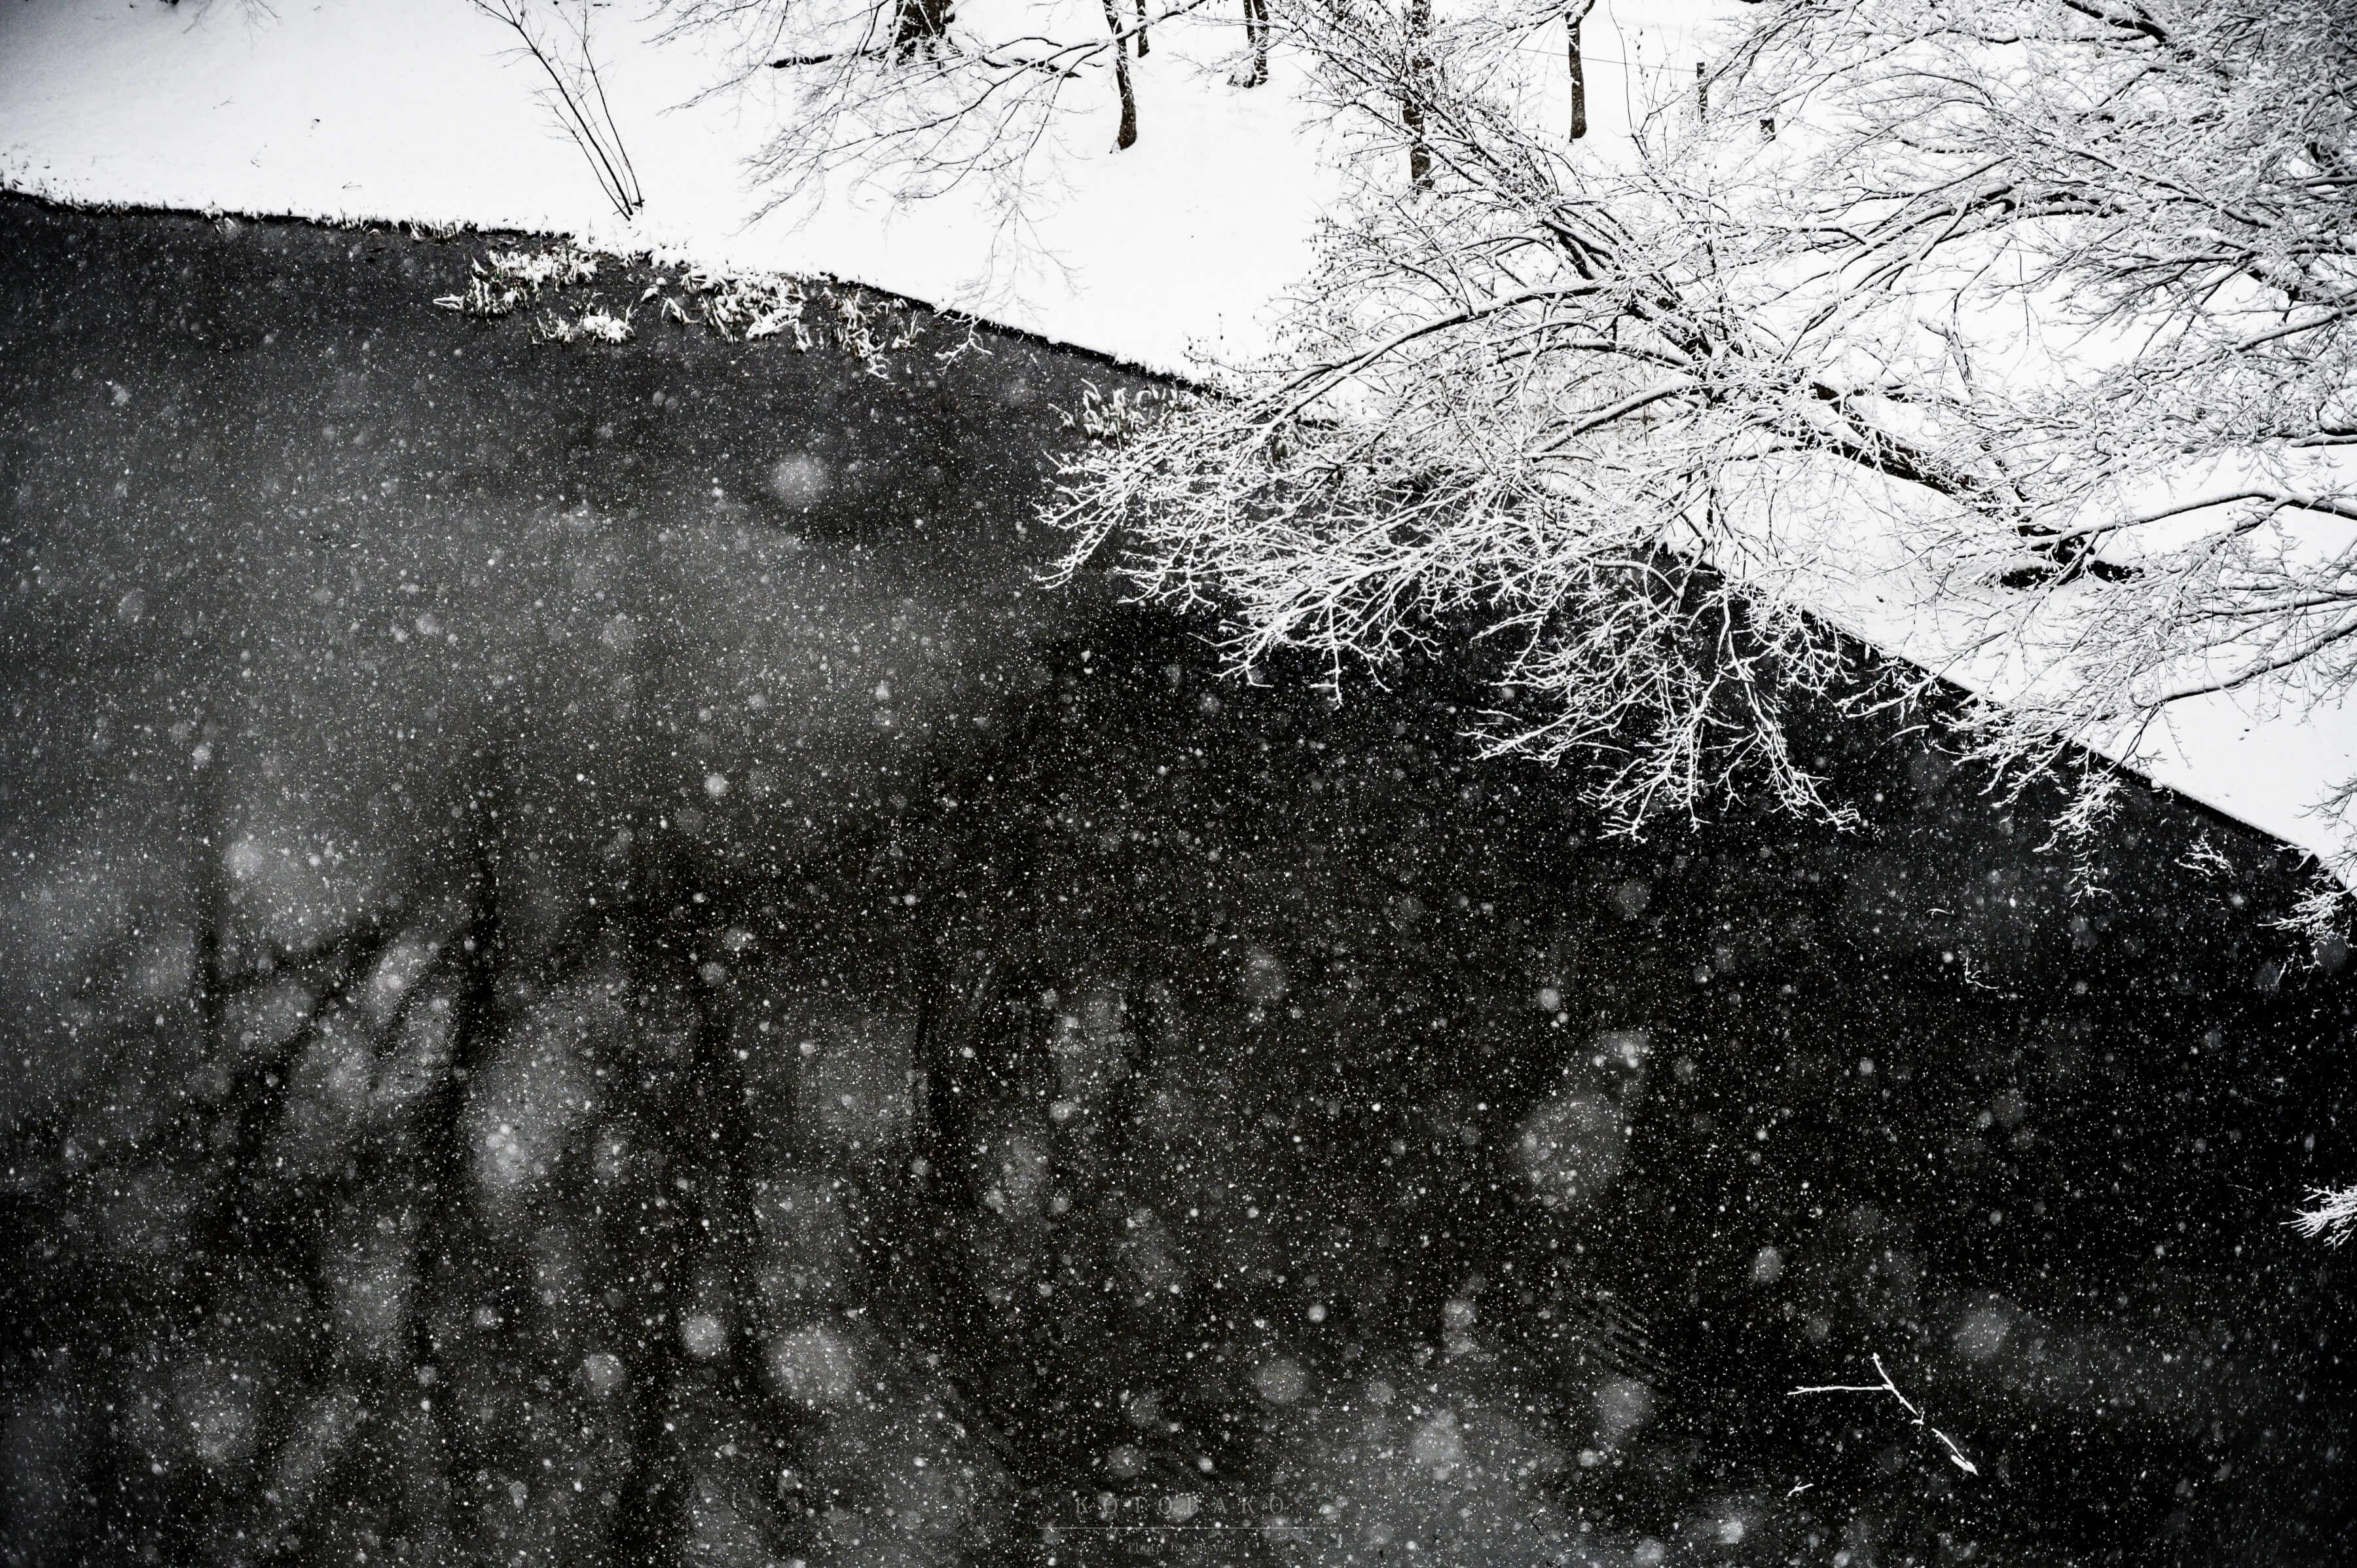 【千葉県の雪景色】一面の銀世界を堪能してきた